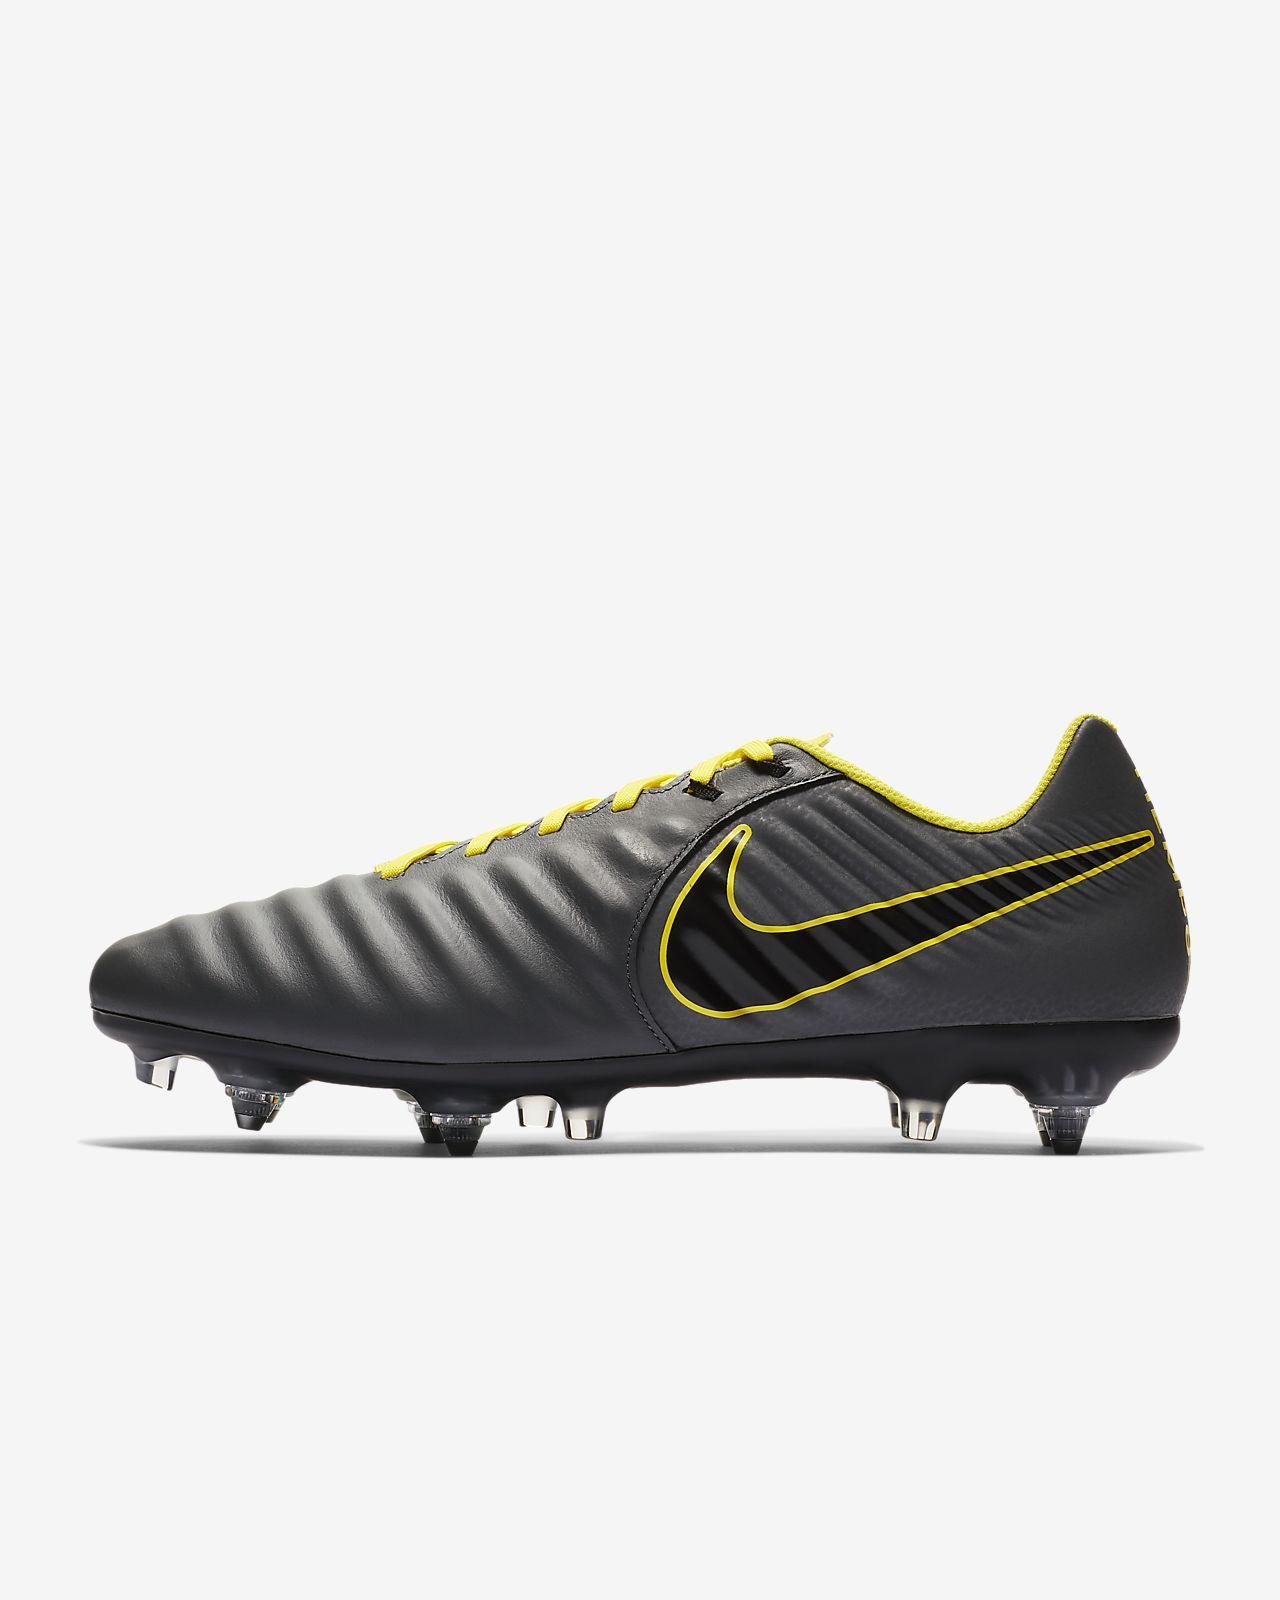 huge discount ca5fd e732e ... Chaussure de football professionnelle à crampons pour terrain gras Nike  Legend 7 Academy SG-Pro